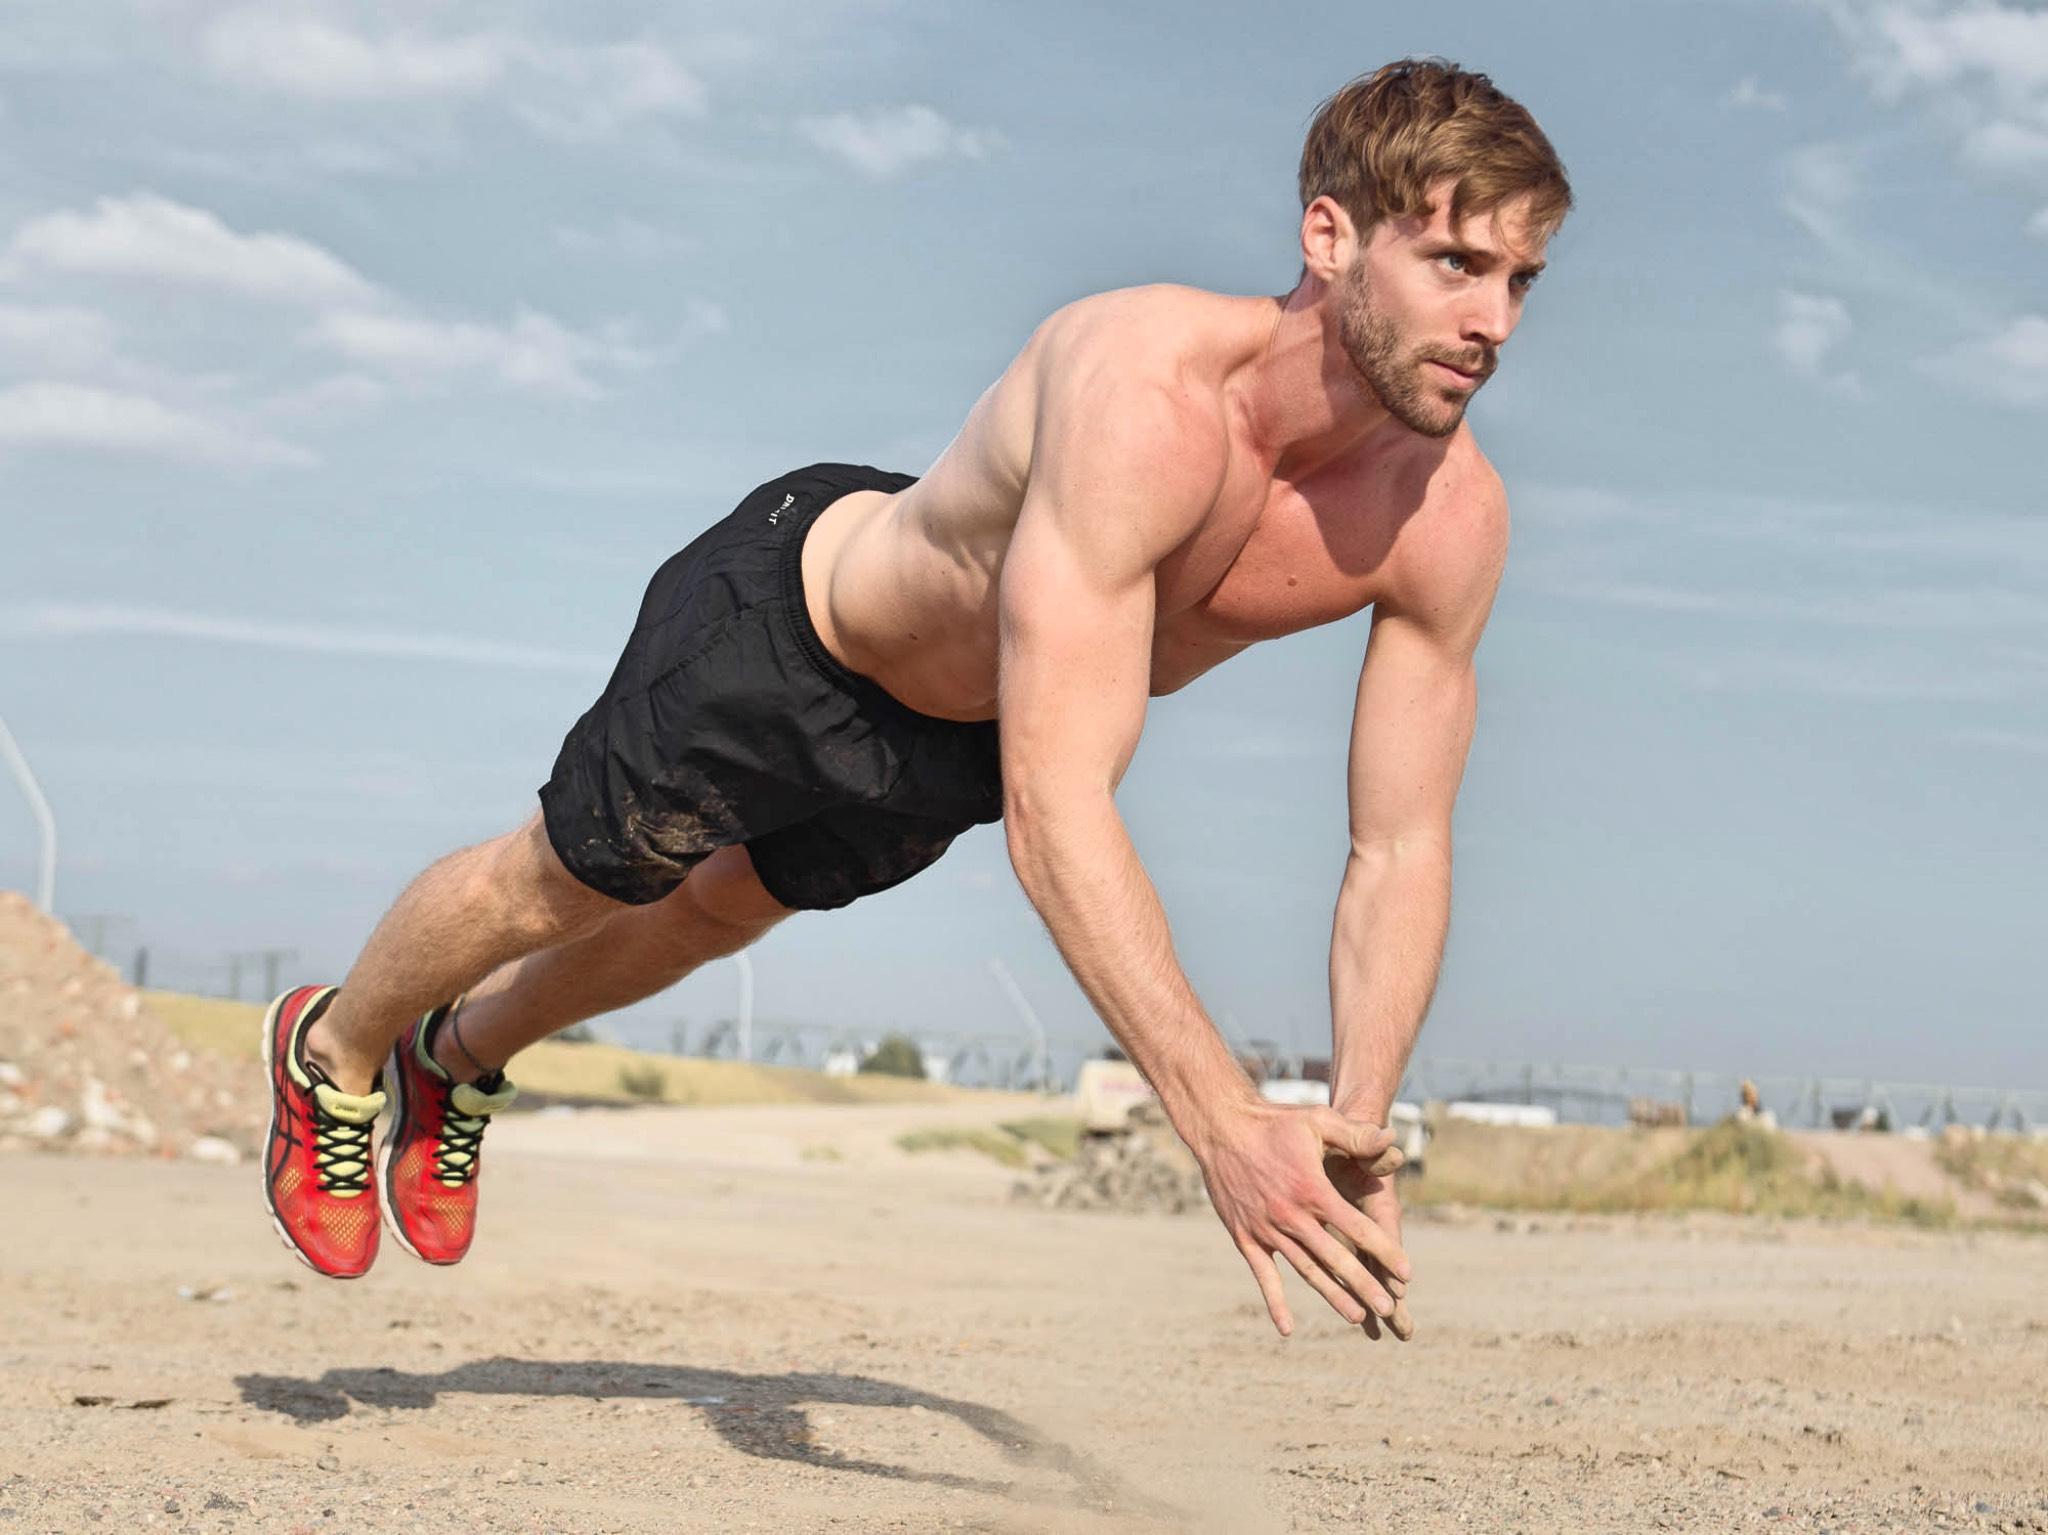 Philipp trainiert fünf bis sechs Mal die Woche. Foto: Philipp Seidenspinner